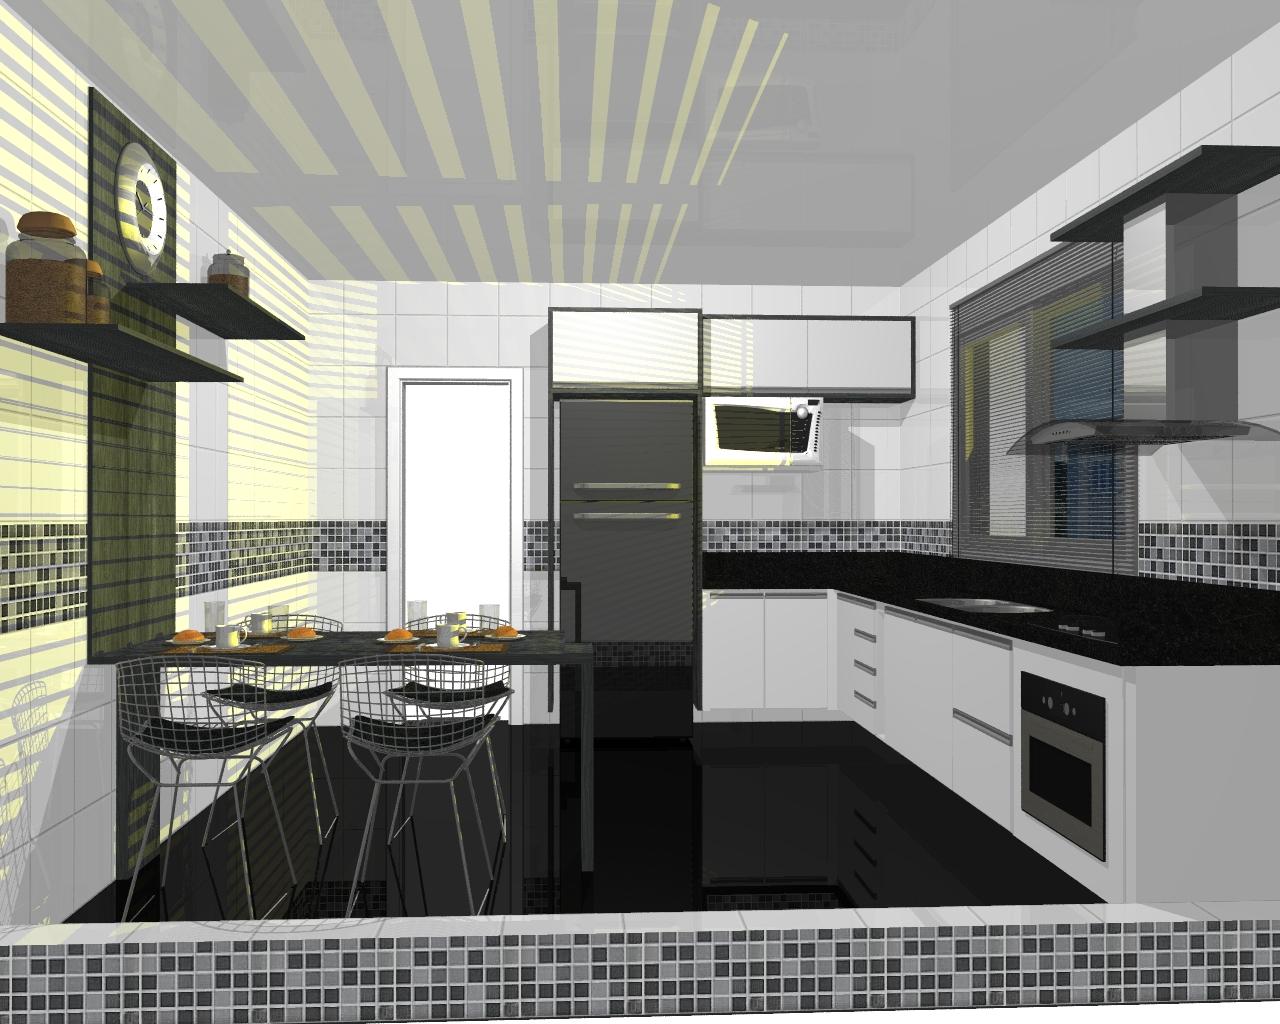 Cozinha com uma visão mais moderna com gavetões torre e ilha. #604C2E 1280 1024